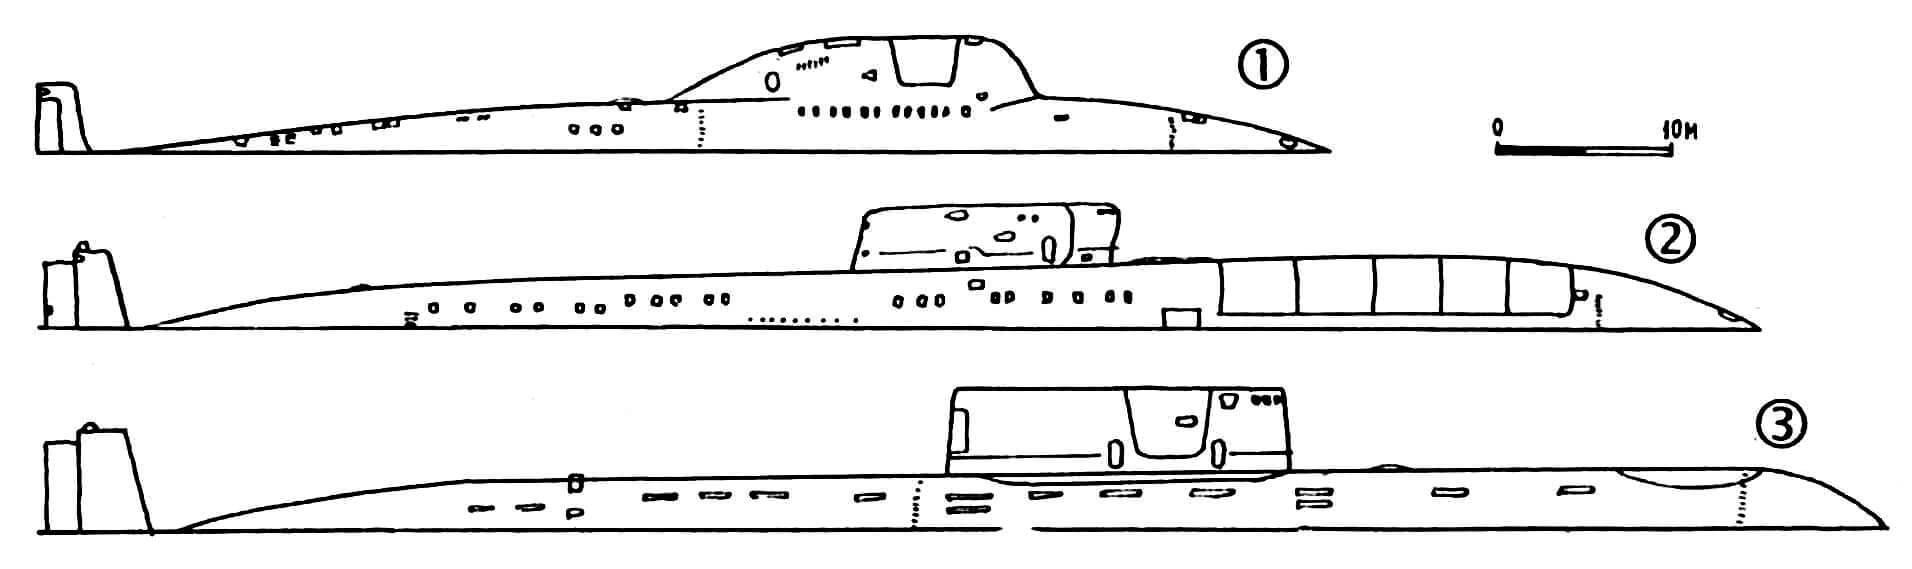 1) Подводная лодка проекта «705». Водоизмещение: 2900/3800 т. Размеры: 80 х 9,2 х 7,6 м. 6 торпедных аппаратов. Один реактор, один винт, 40 000 л.с., 42 уз., 31 чел. экипажа. Всего в течение 1979 — 1983 гг. построено 6 единиц. 2) Подводная лодка проекта «661». Водоизмещение: 5197/7000 т. Размеры: 106,9 х 11,5 х х 8 м. 10 ракет «Аметист», 6 торпедных аппаратов, 2 реактора, 2 винта, 88 000 л.с., 45 уз., 80 чел. экипажа. Вступила в строй в 1971 году. 3) Подводная лодка проекта «685». Водоизмещение: 5680/8000 т. Размеры: 117x11x8м. 6 торпедных аппаратов. Один реактор, один винт, 43 000 л.с., 30 уз., 64 чел. экипажа. Вступила в строй в 1984 году. Погибла в 1989 году.